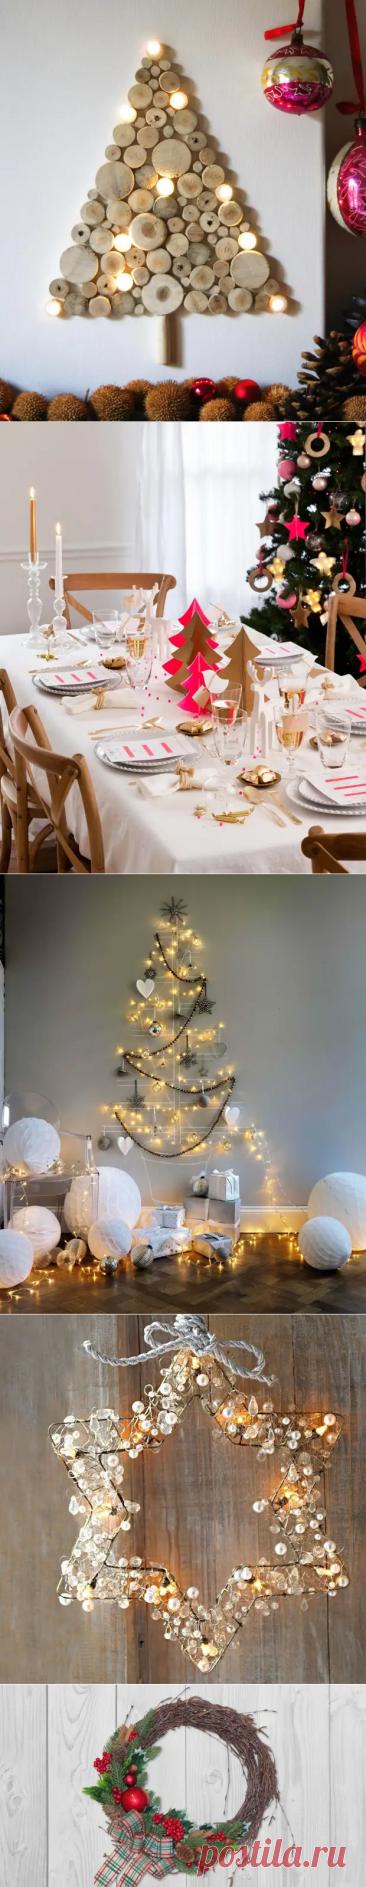 Новогодний интерьер: волшебство в деталях (60 фото) - cozyblog - медиаплатформа МирТесен